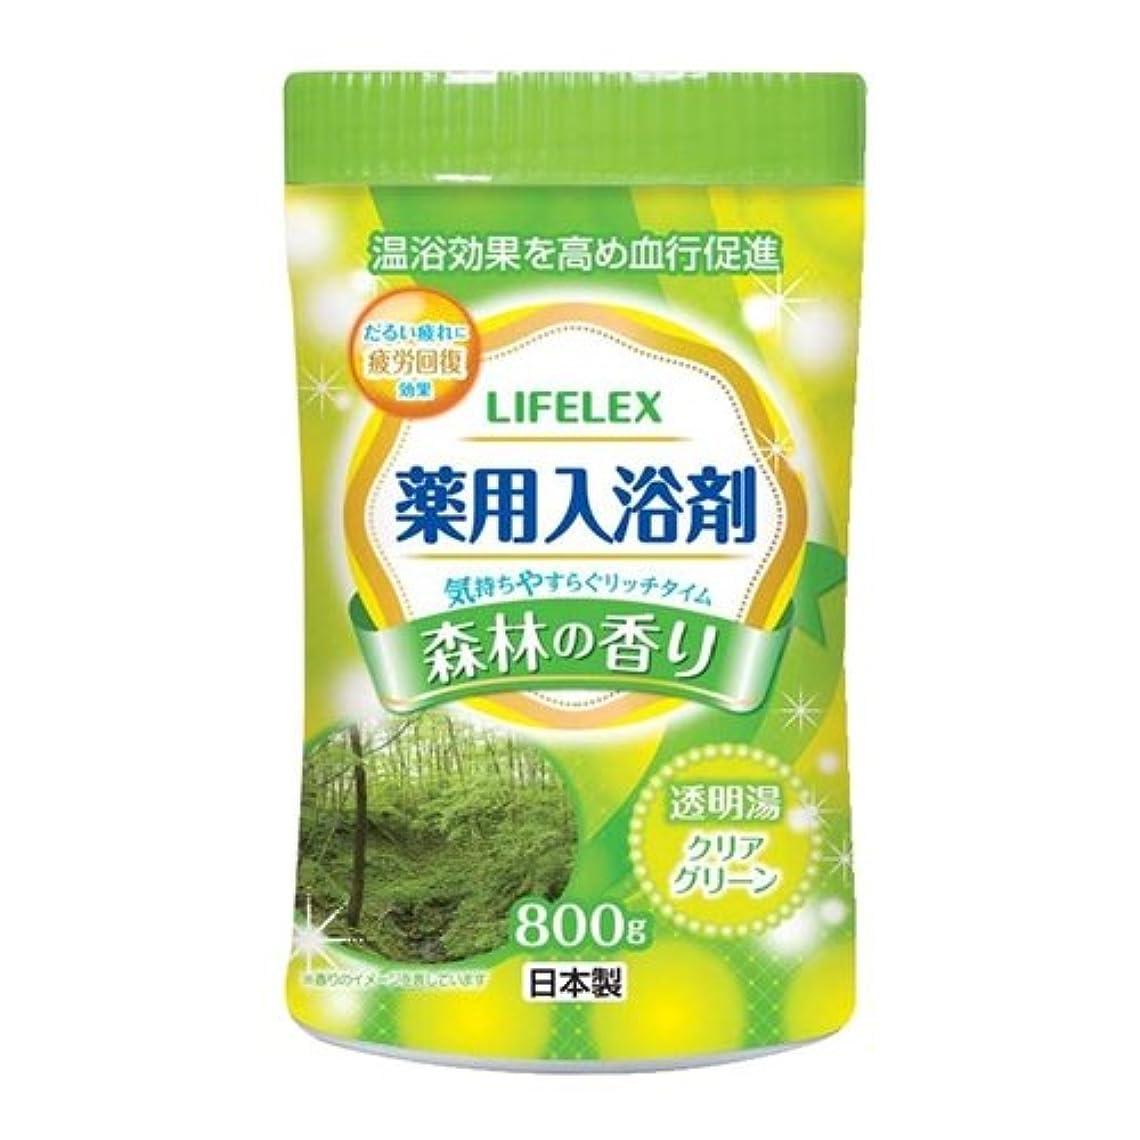 松明掻く敬礼コーナンオリジナル 薬用入浴剤 森林の香り 800g